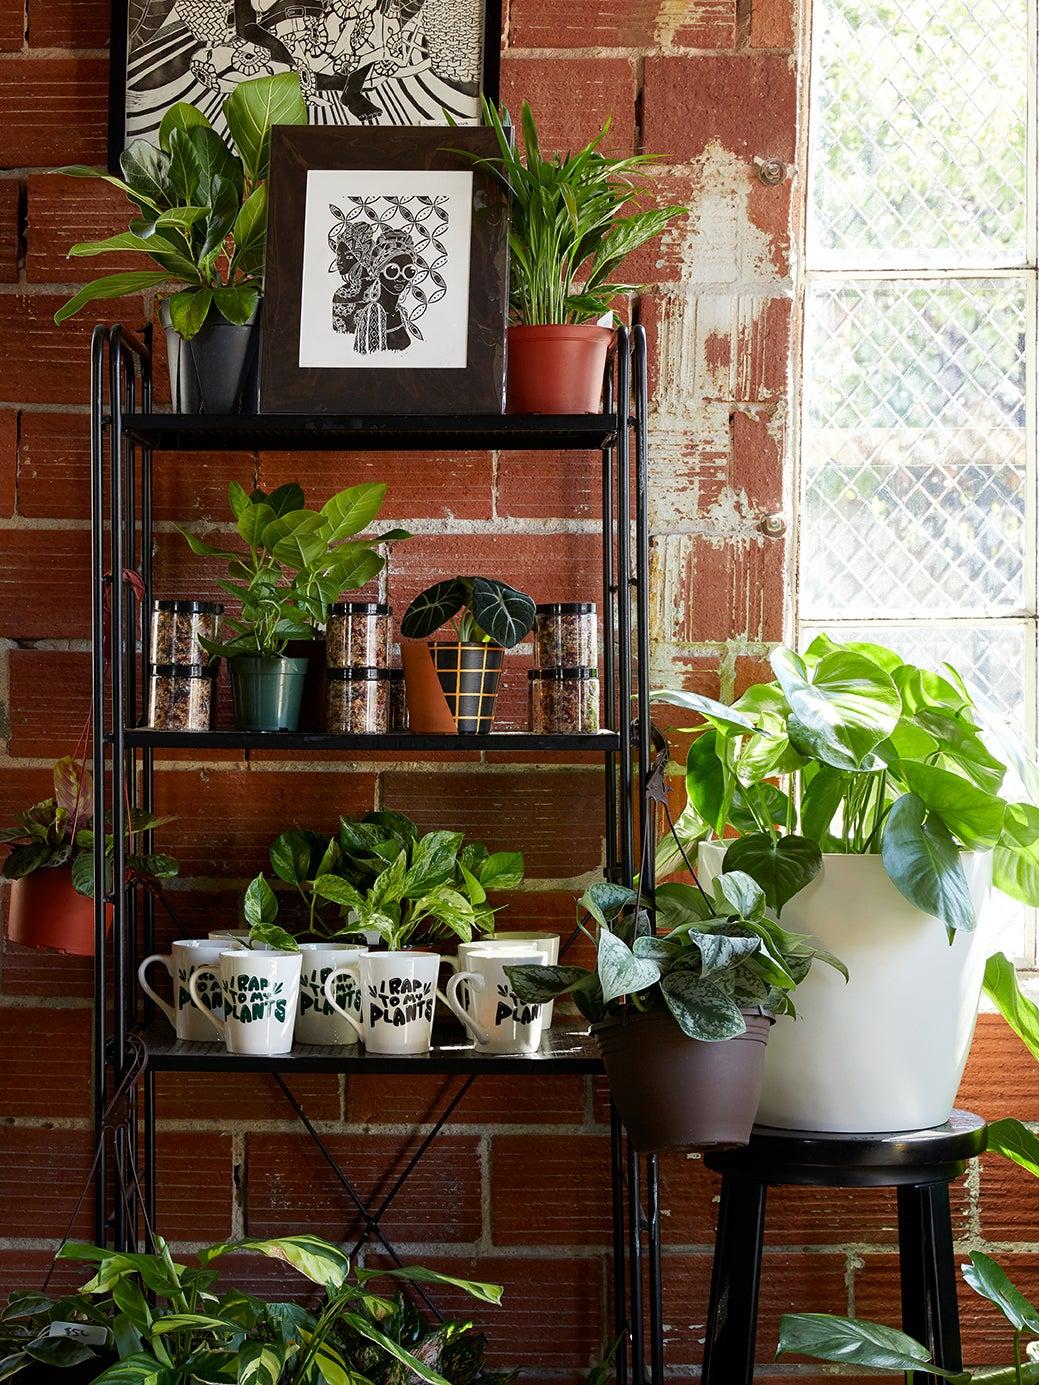 plants in metallic pots on meatl shelf